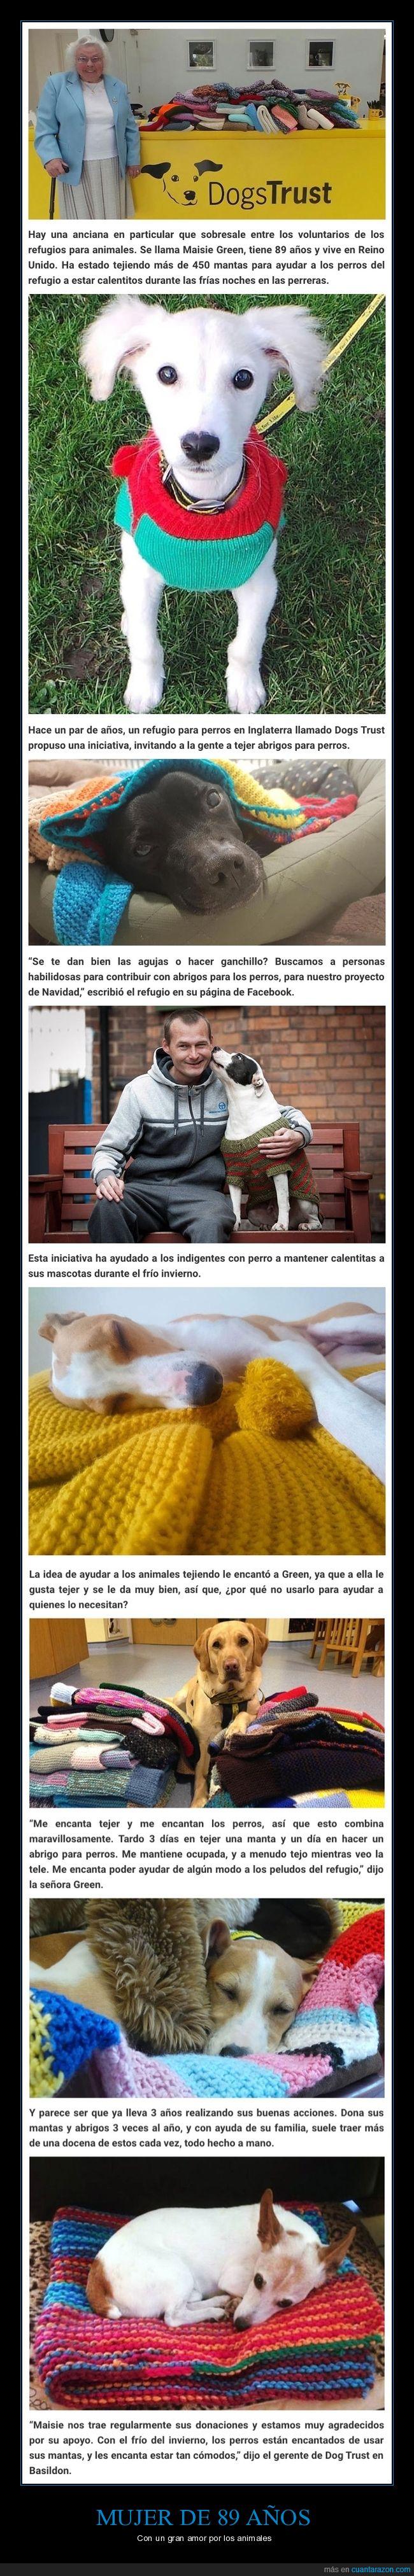 mantas,perros,refugio,señora,tejer